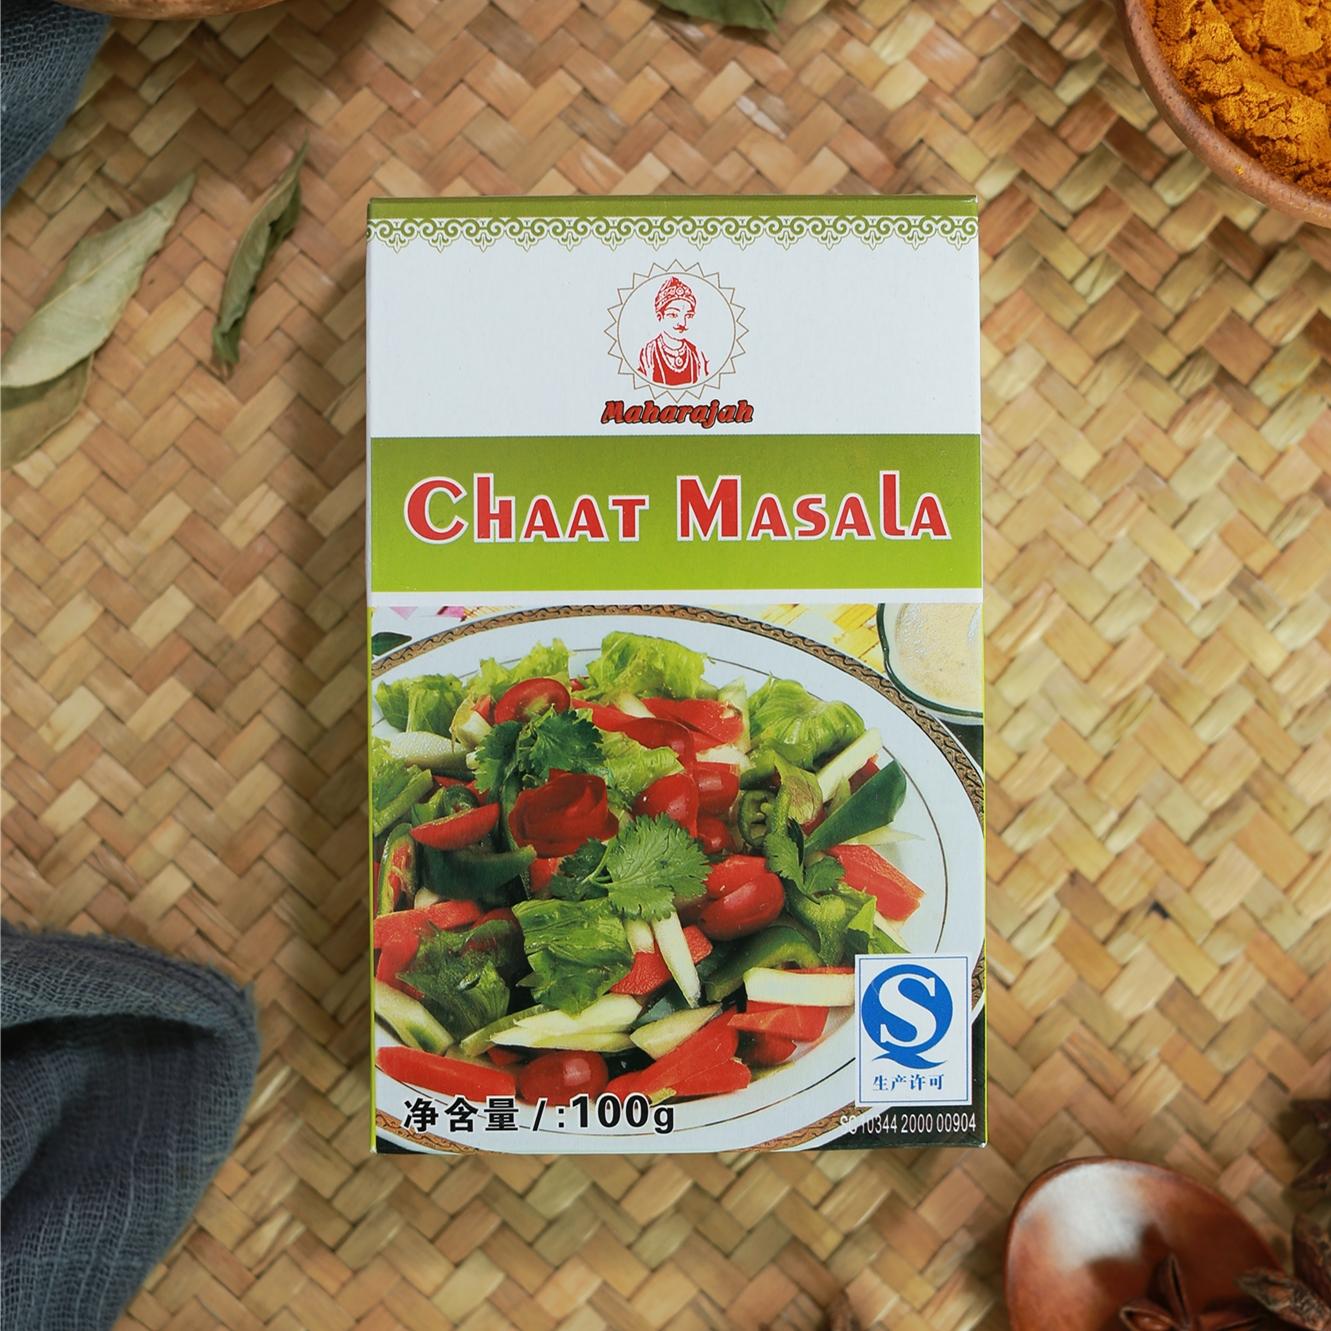 [正品]印度咖喱粉ChaatMasala 100g 咖喱烹饪粉状调味品